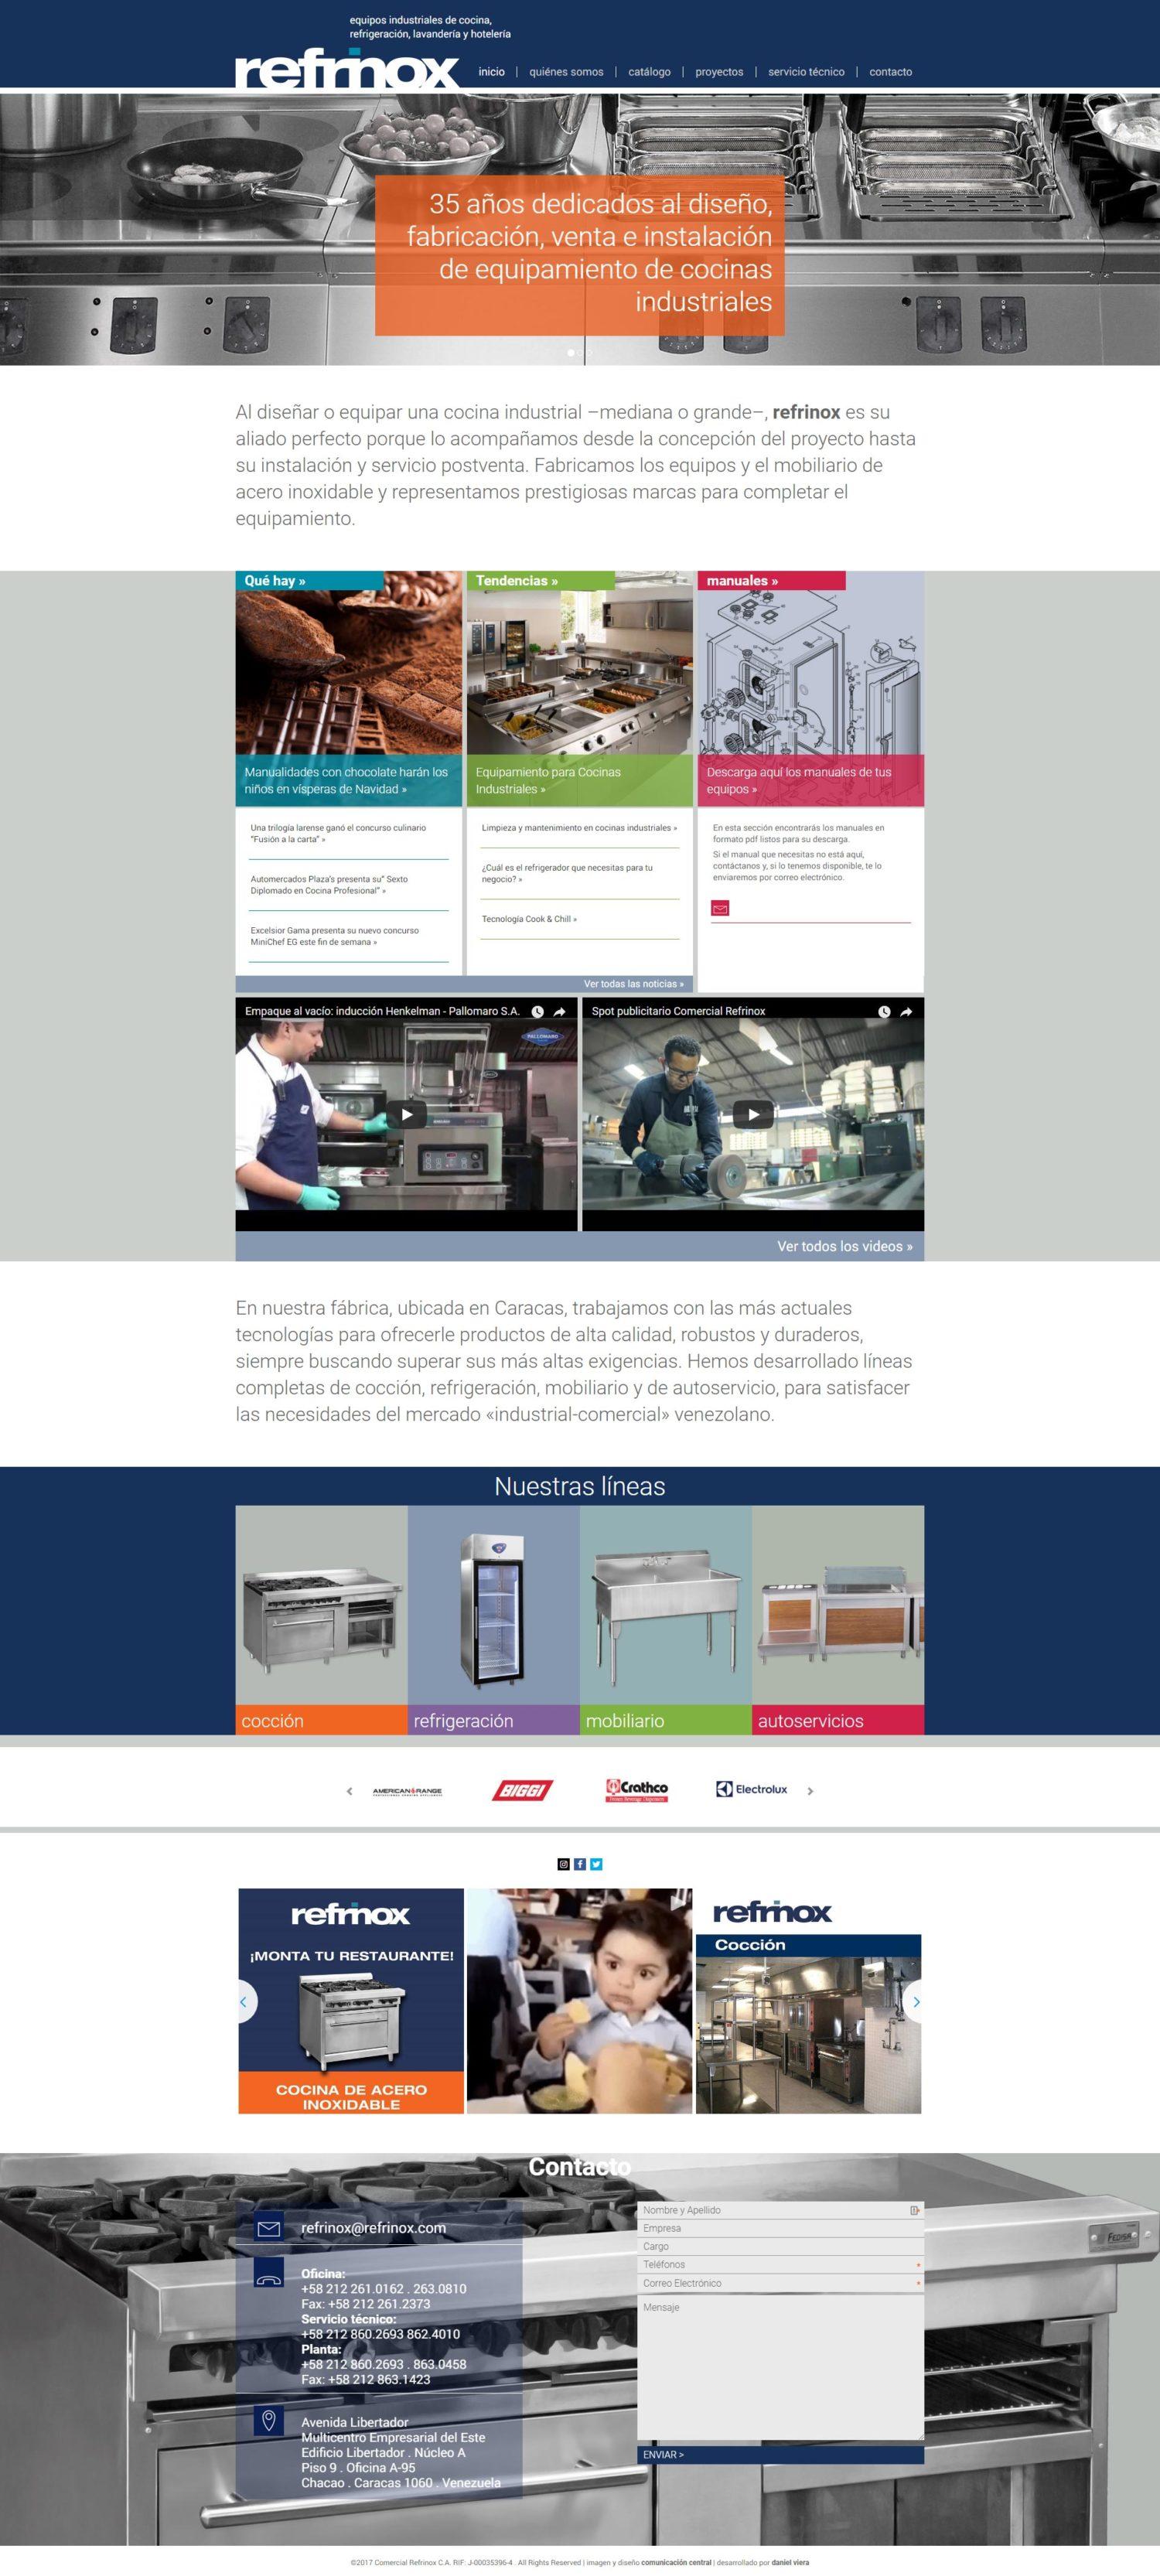 Refrinox | Empresa dedicada a proyectos y fabricación de mobiliario de cocinas industriales. Sitio web responsive desarrollado para WordPress con bootstrapsobre un diseño de Comunicación Central